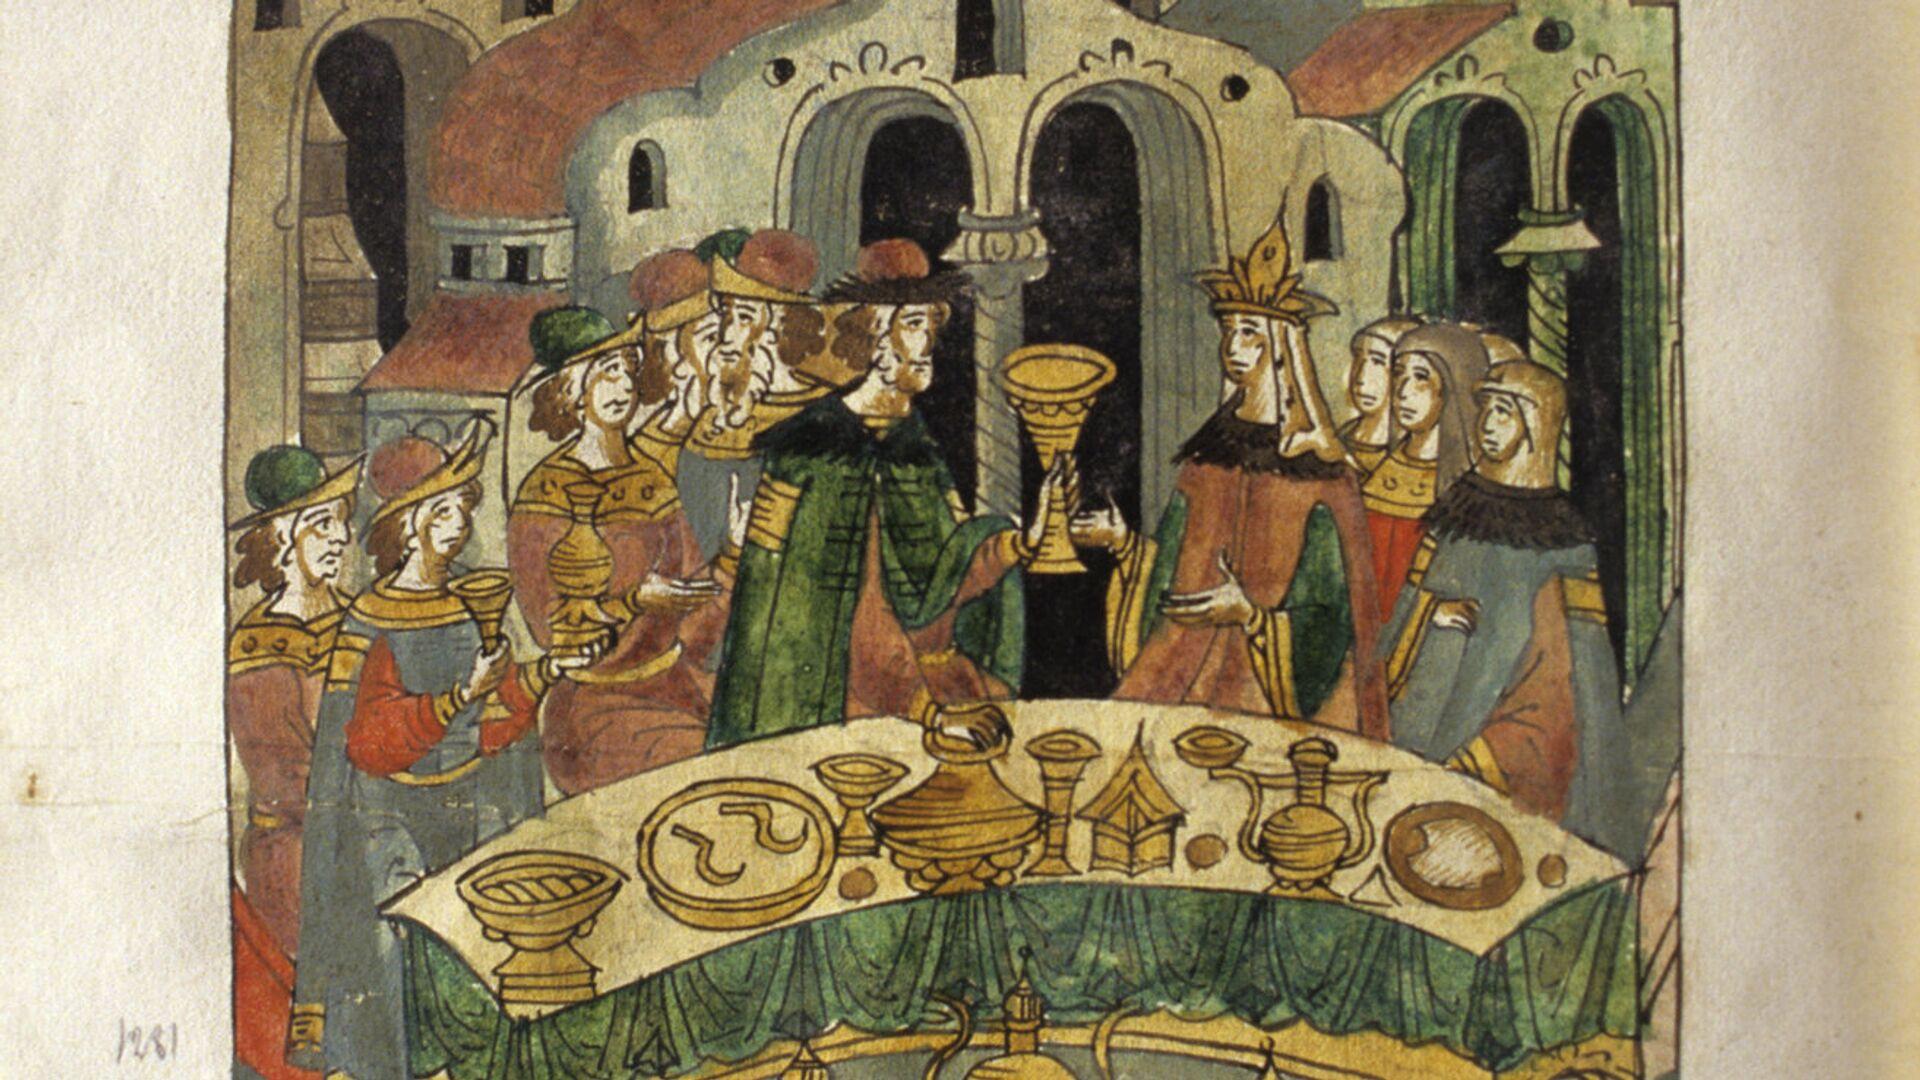 Археологи нашли место Судбищенской битвы с крымским ханом